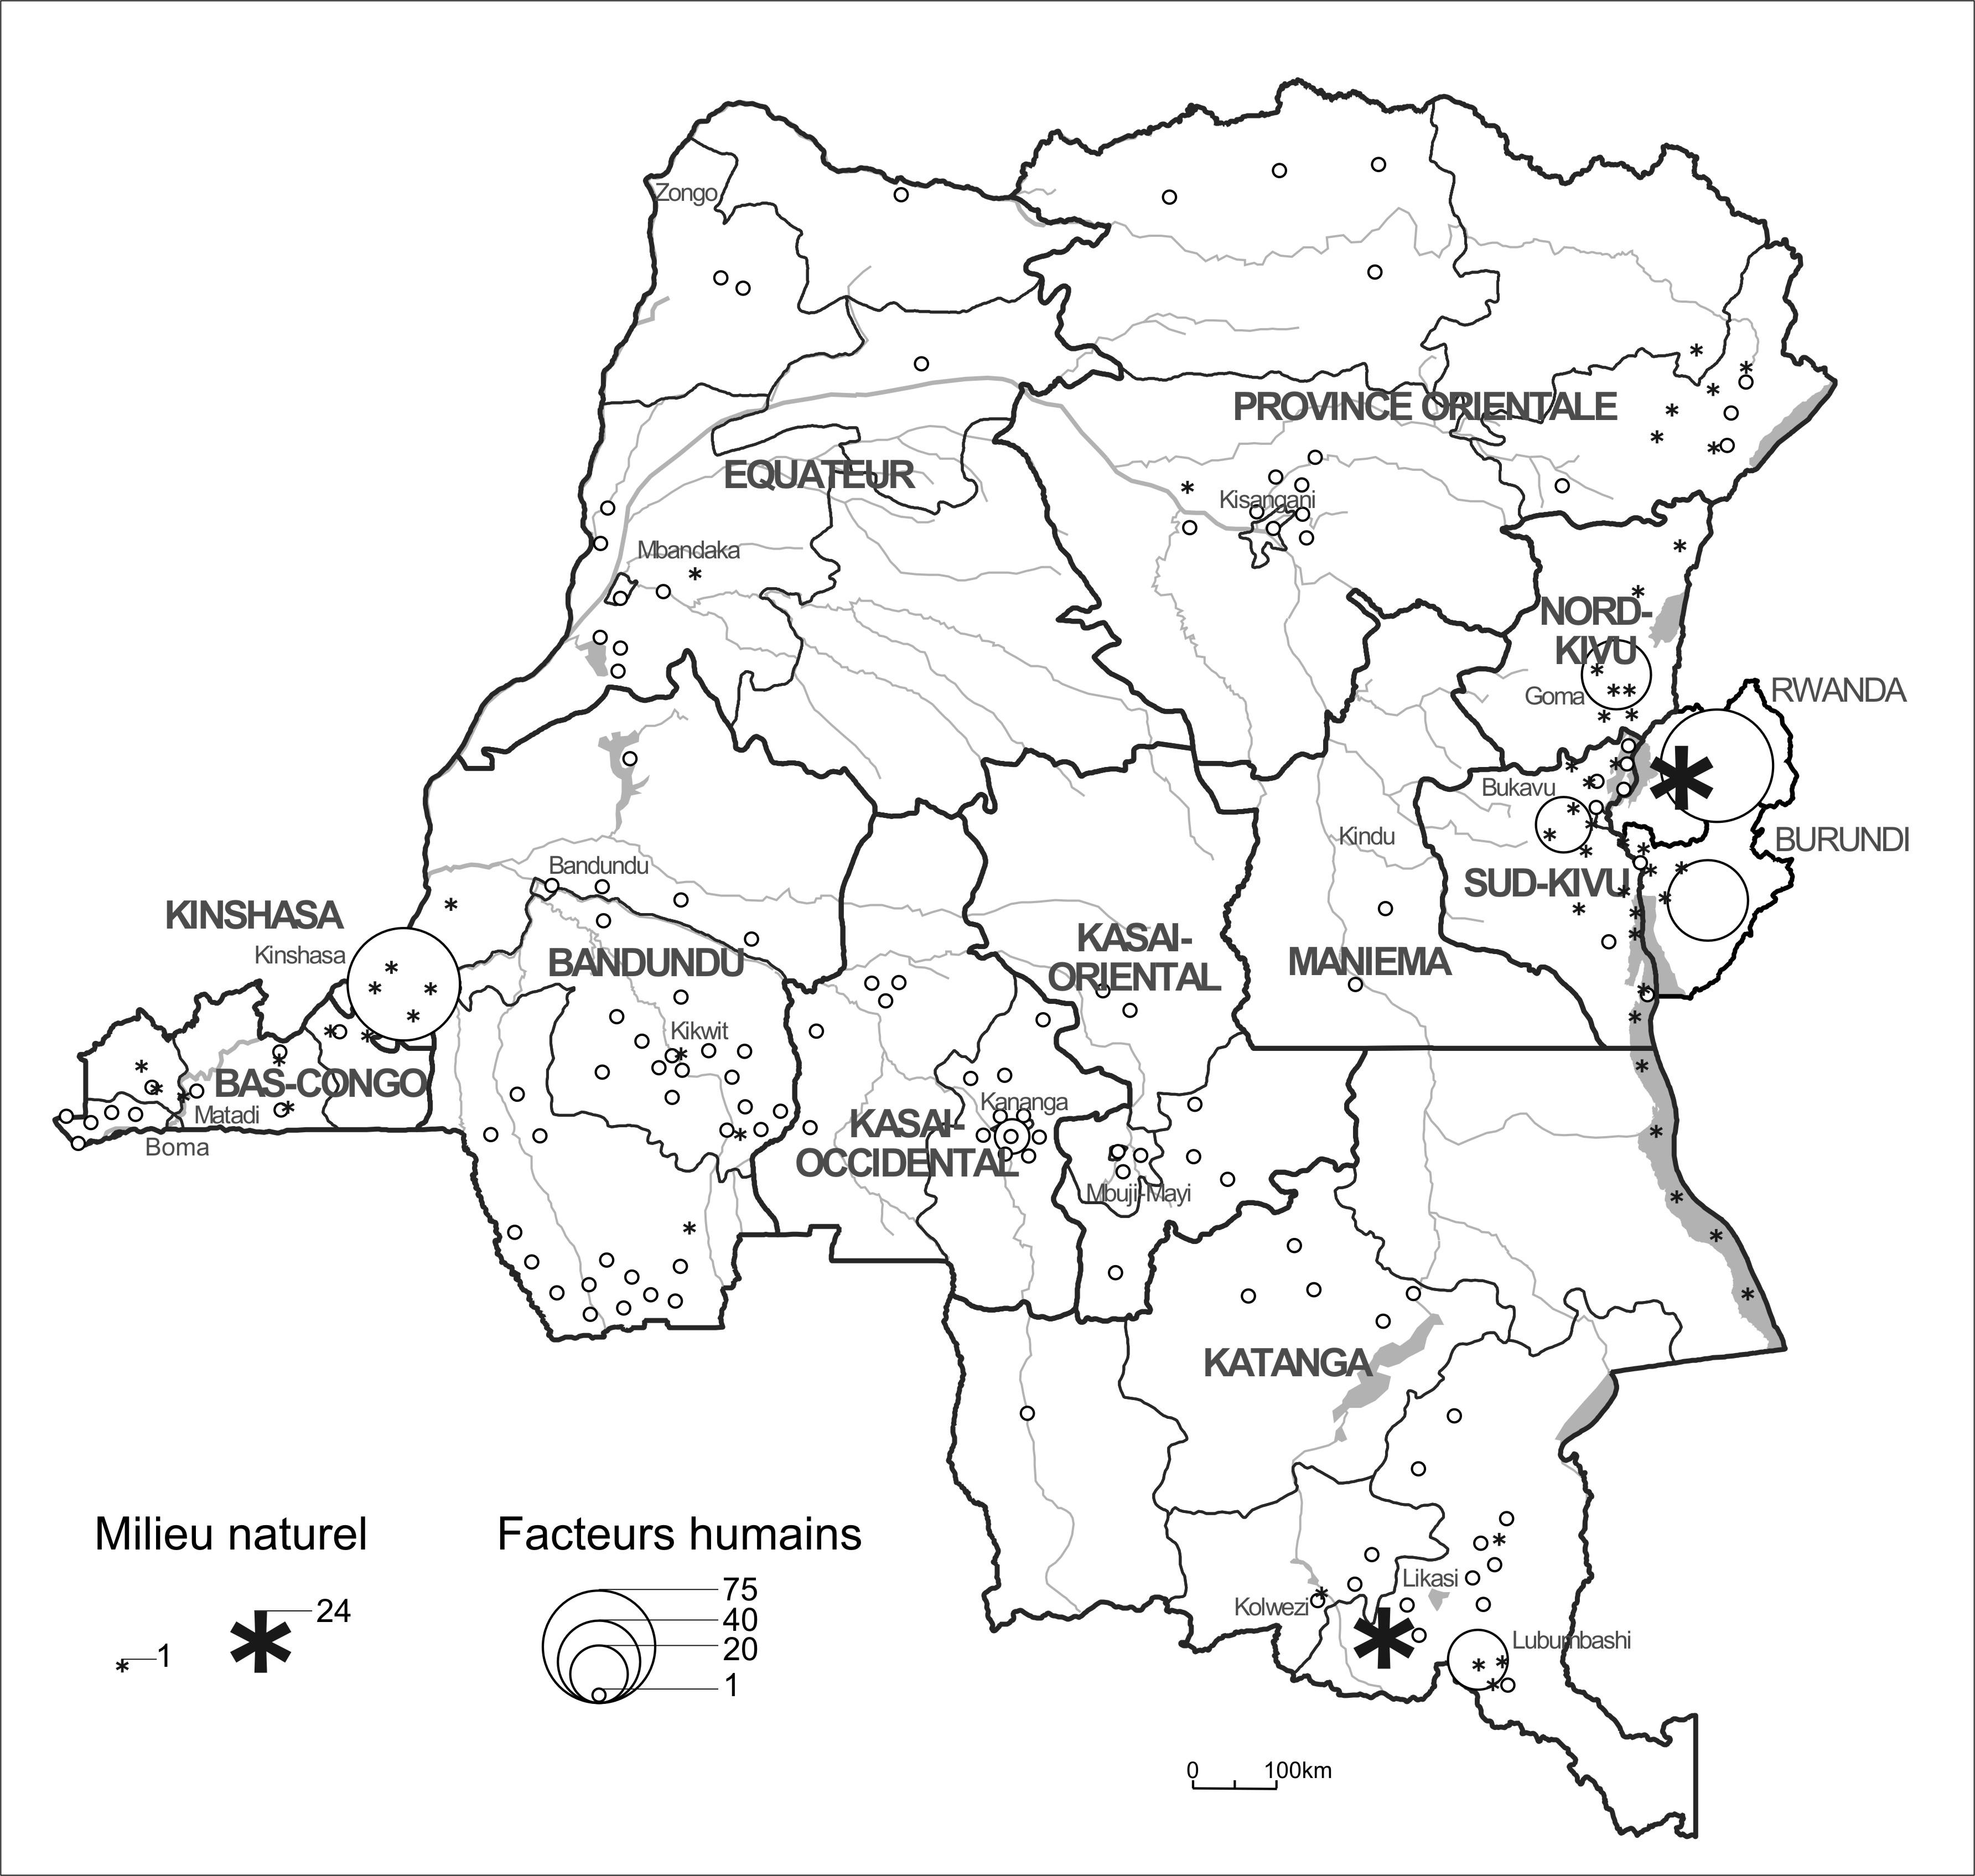 progr u00e8s de la connaissance du congo  du rwanda et du